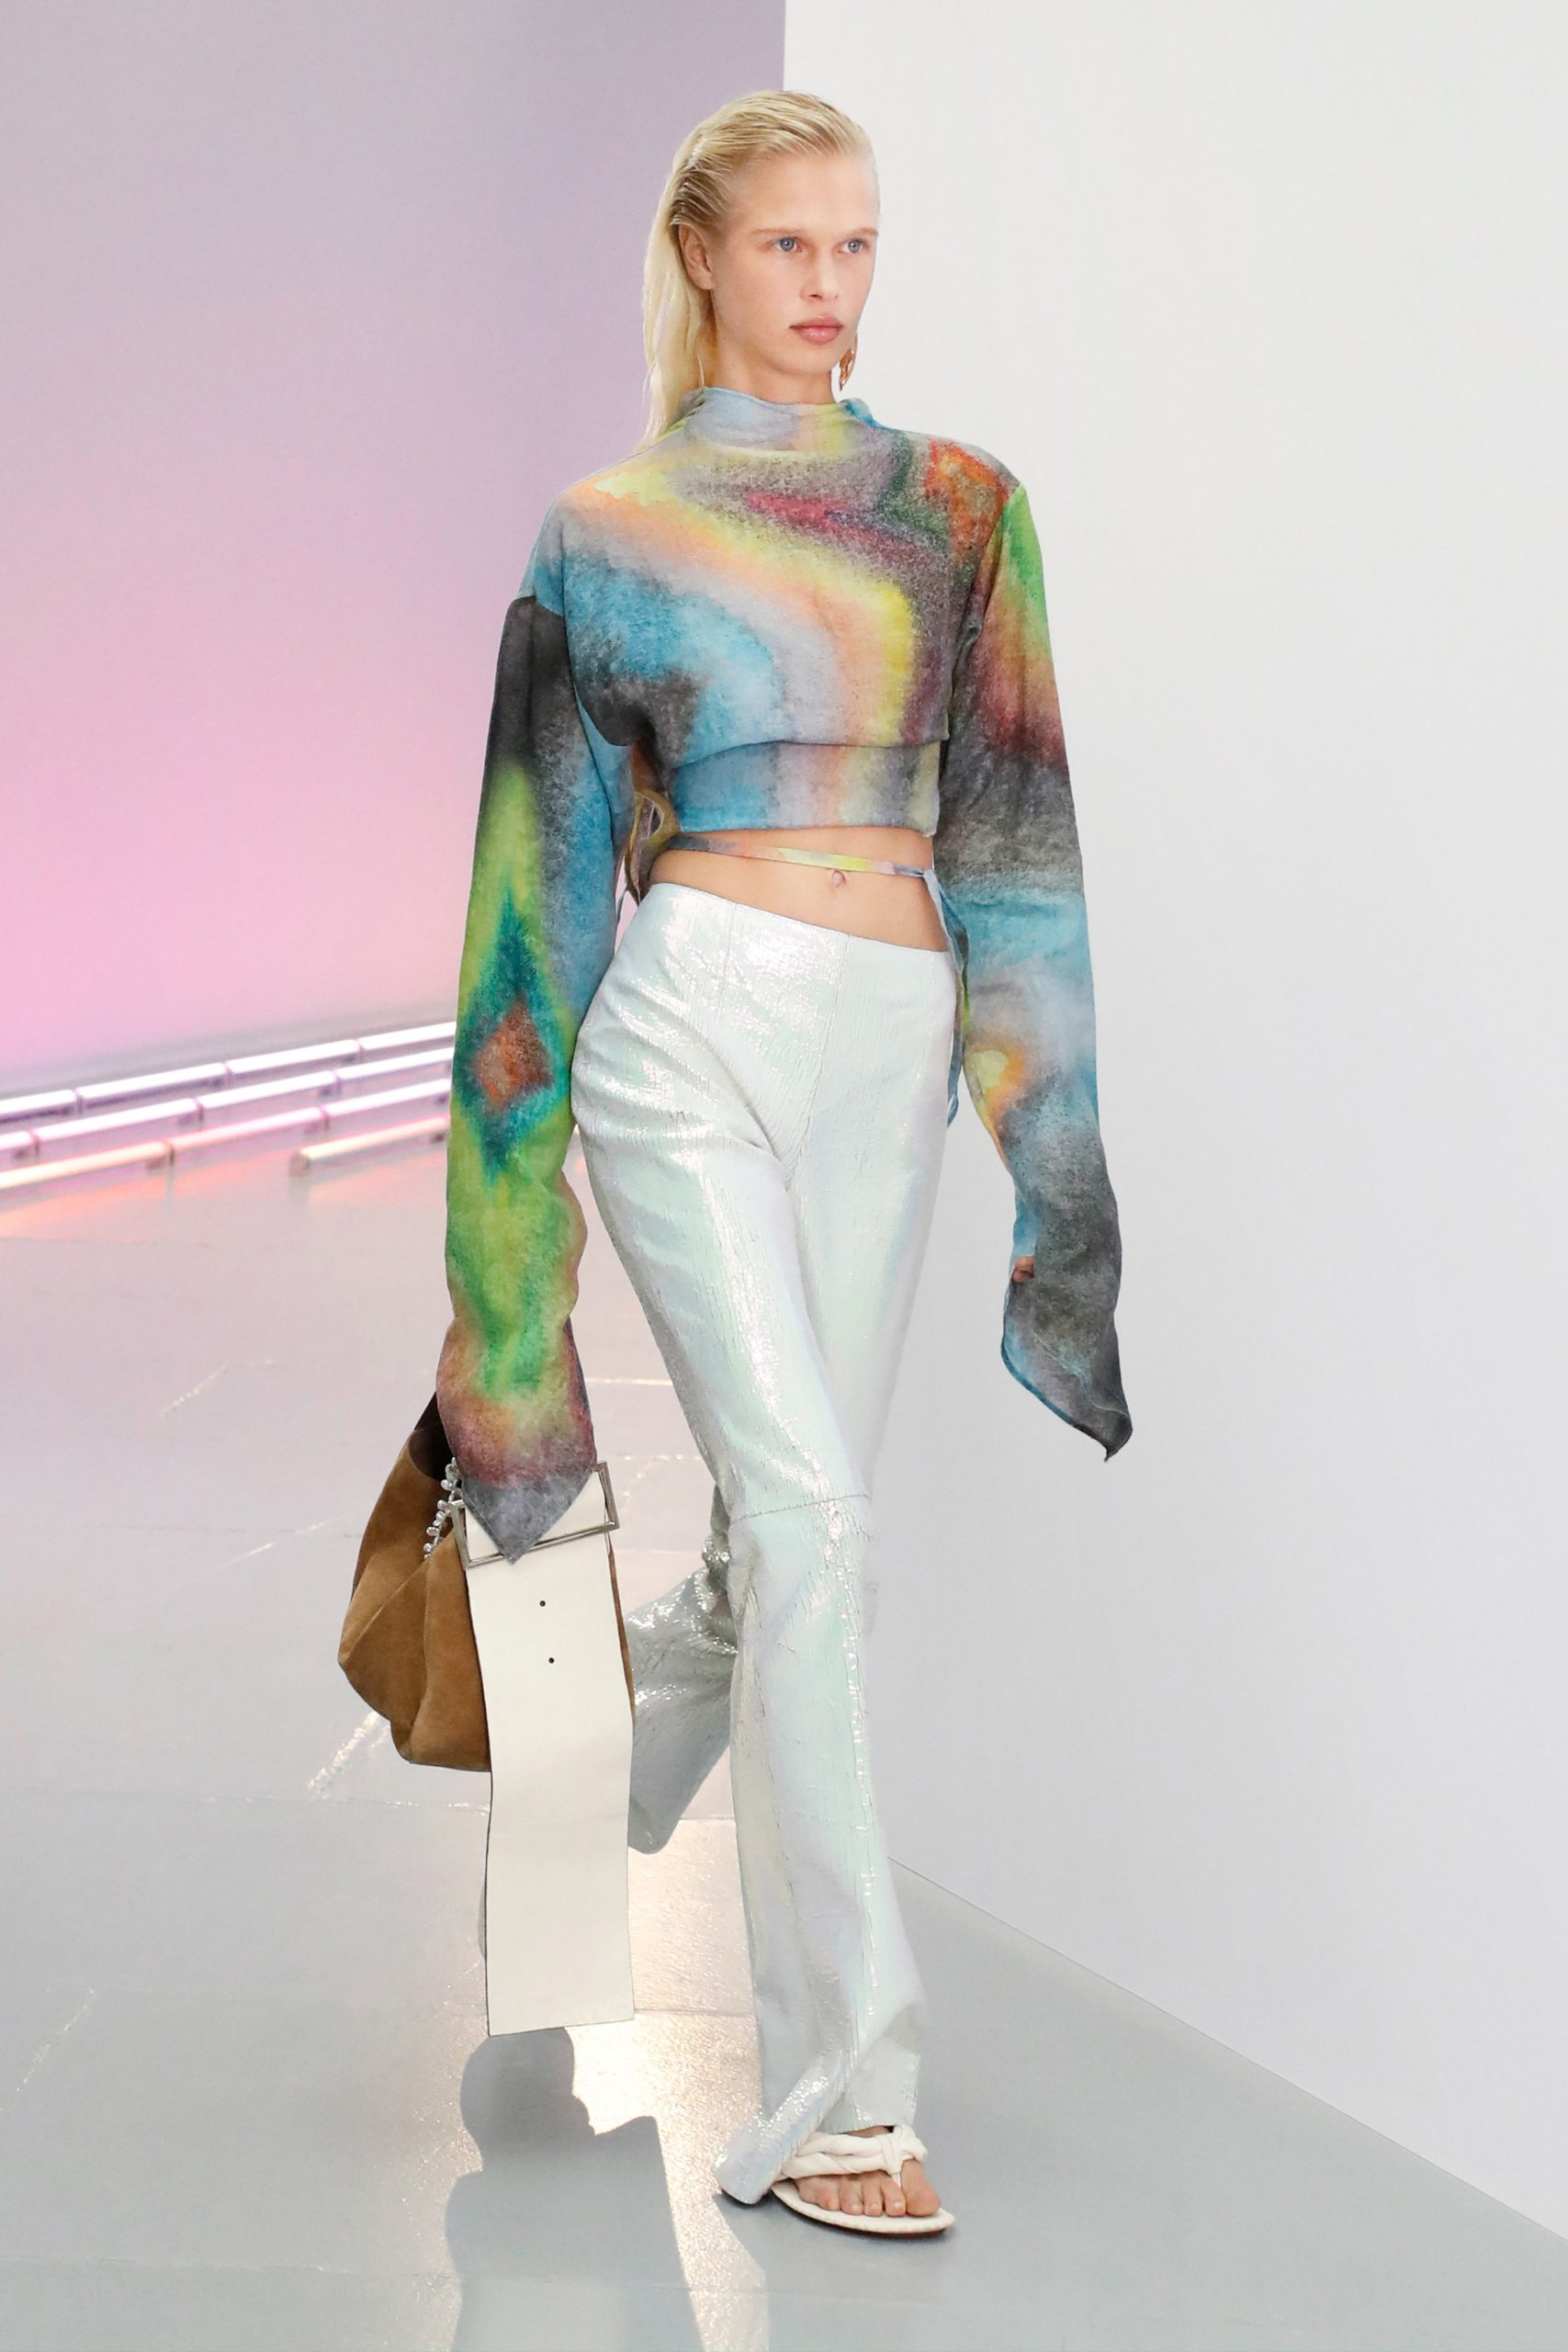 Прозрачные брюки и платье из сетки на показе Acne Studios